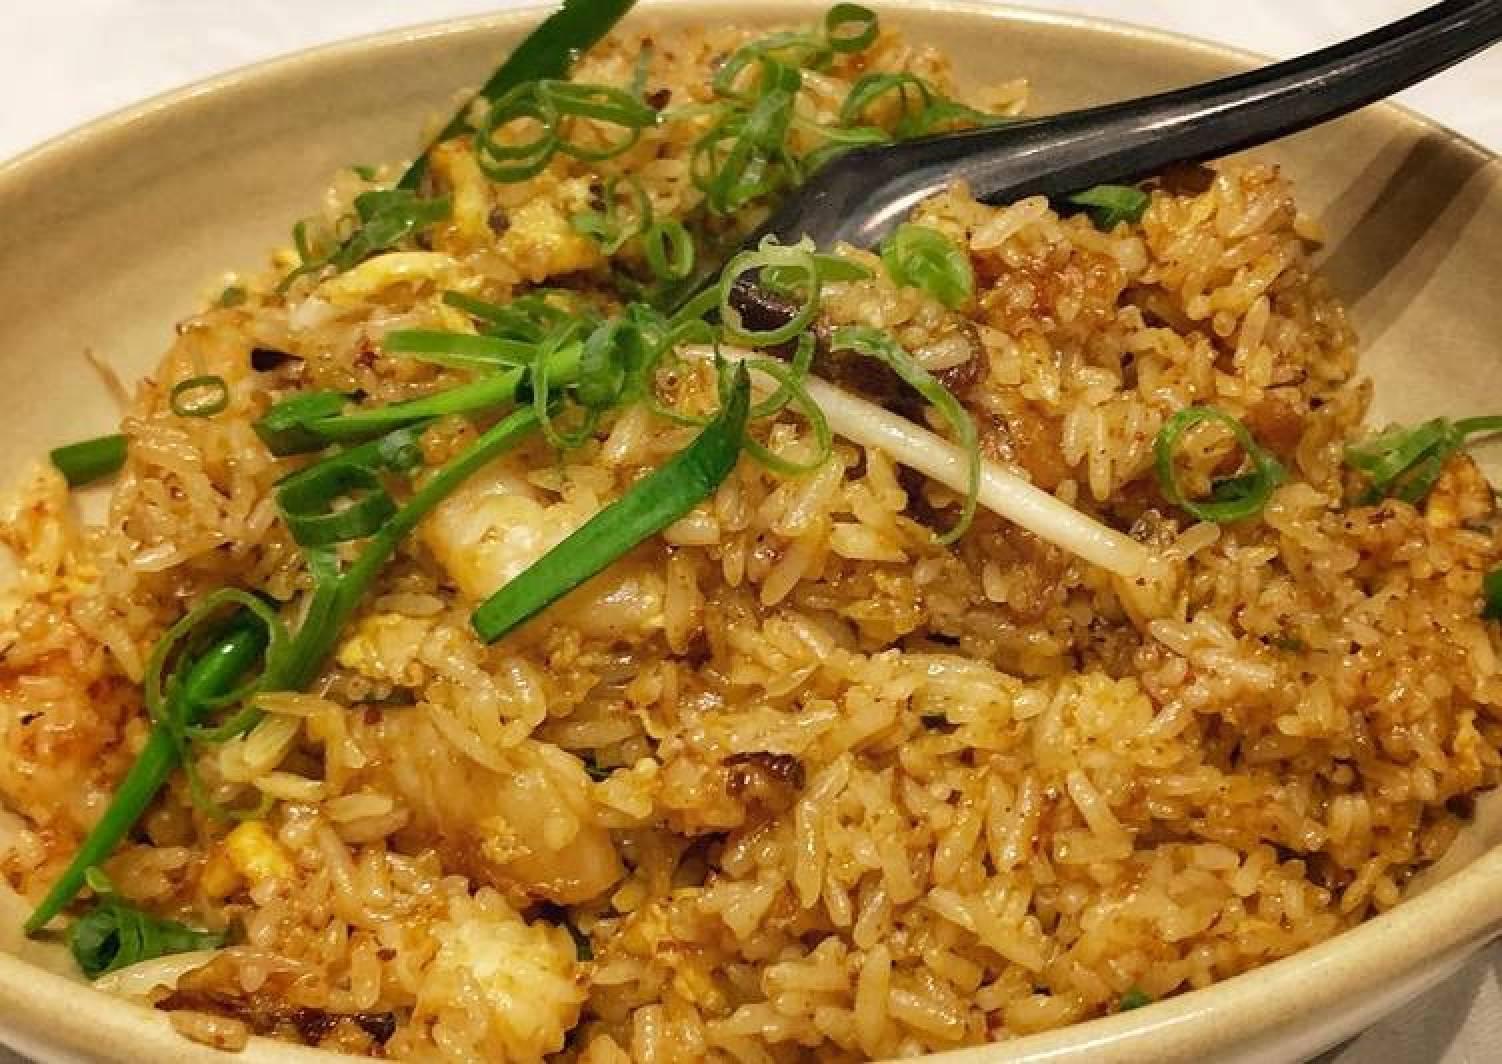 BBQ Pork and Prawn Fried Rice